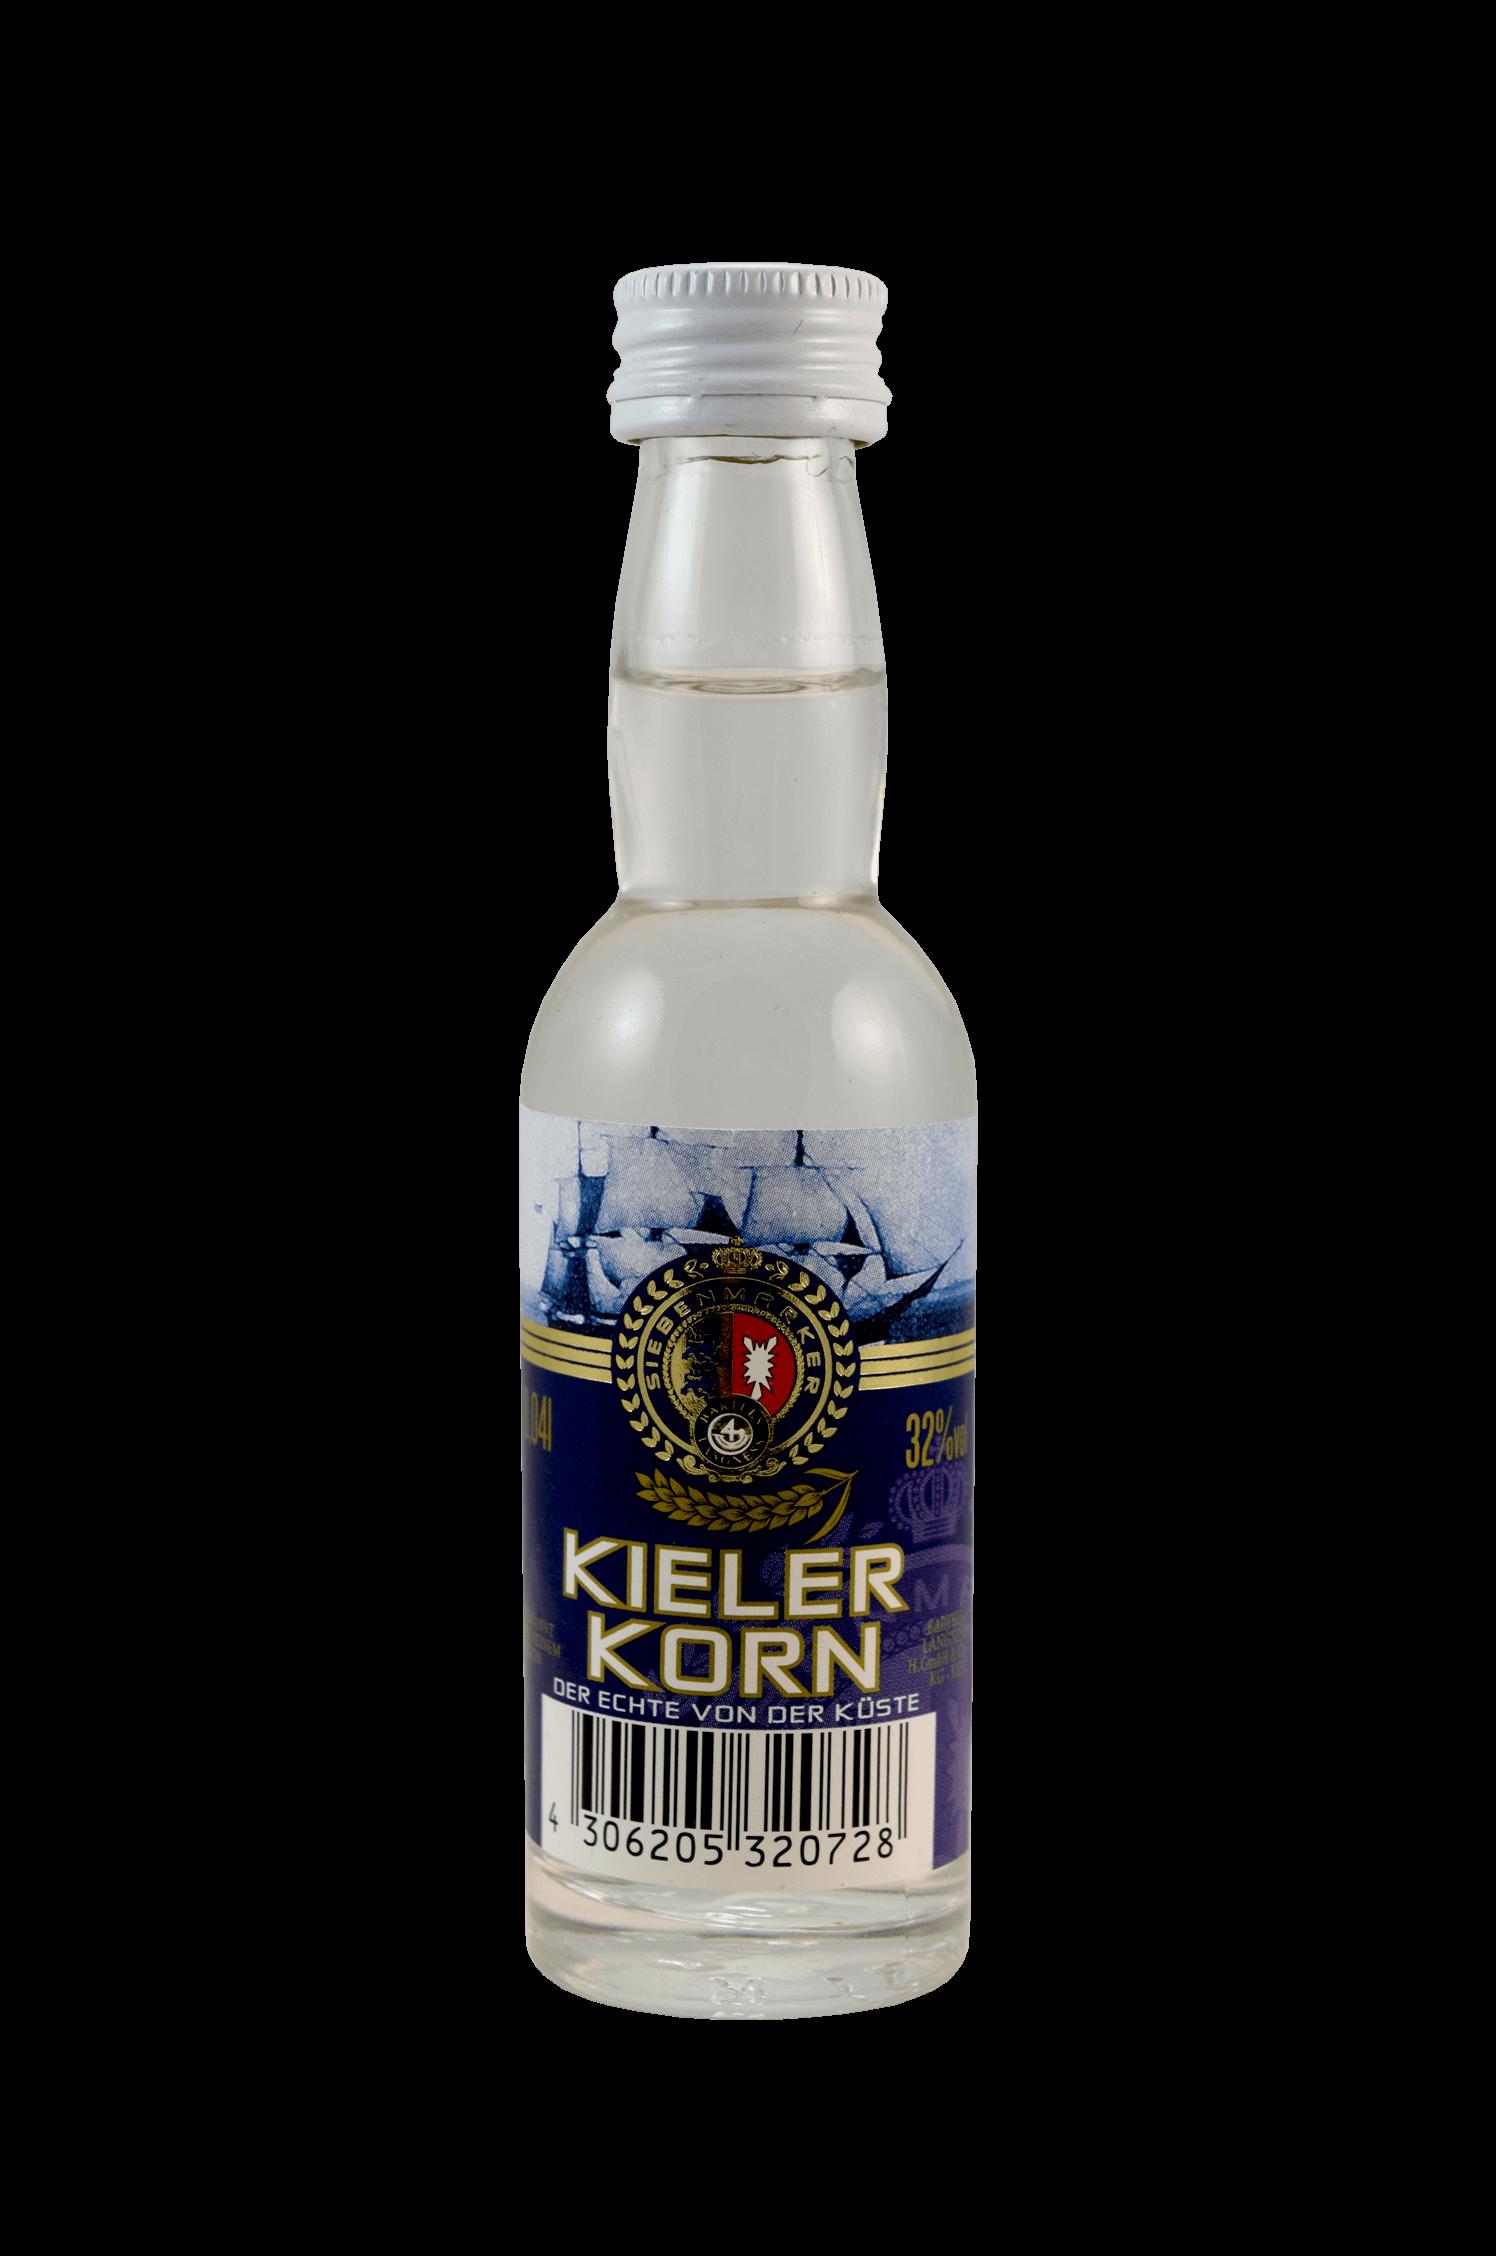 Kieler Korn